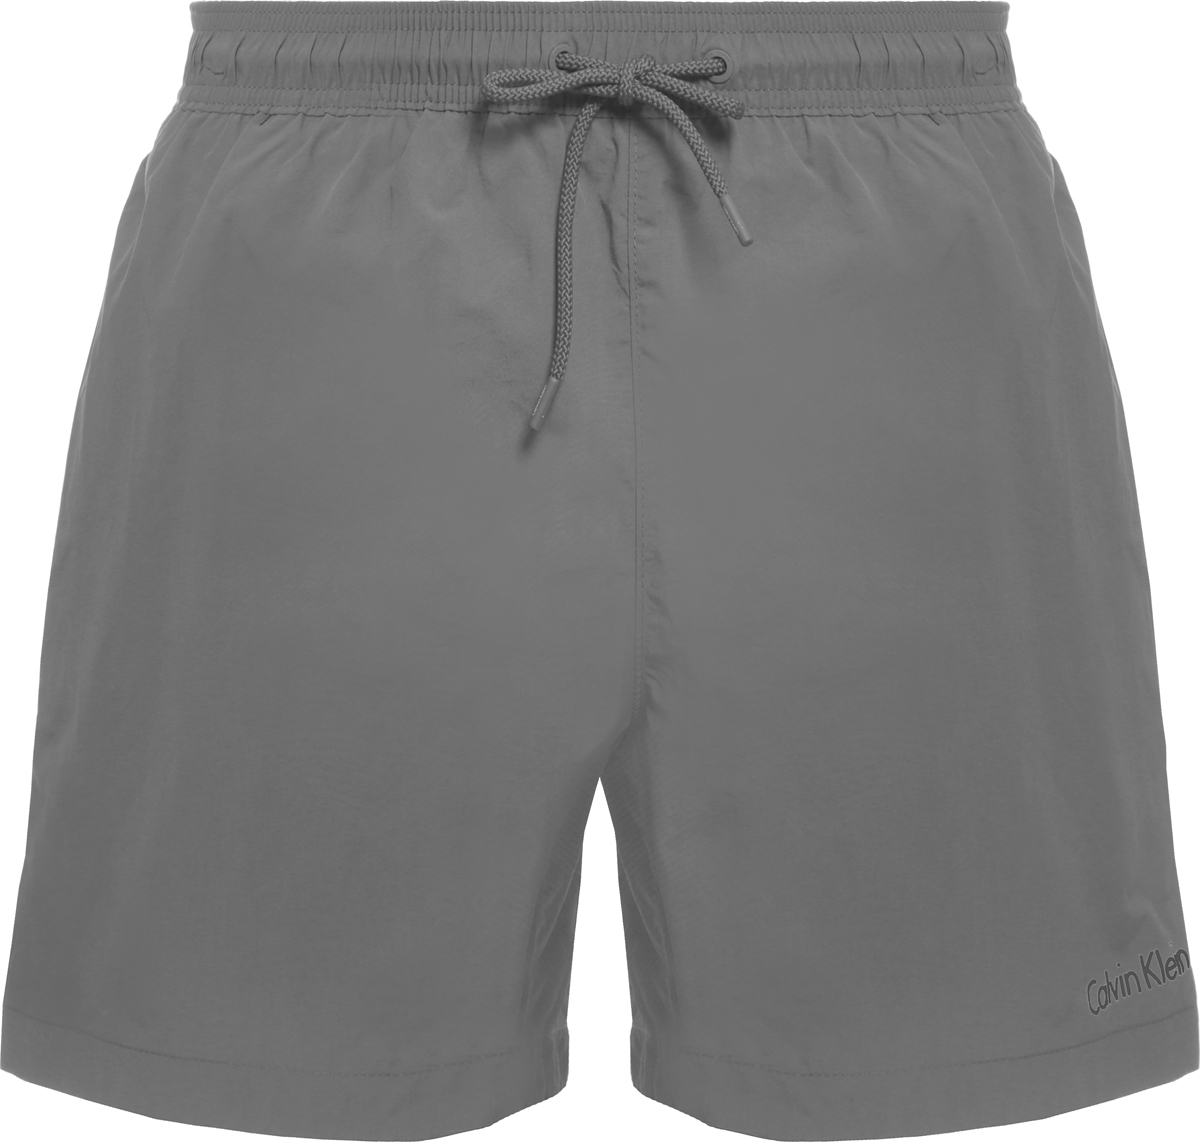 Шорты купальные мужские Calvin Klein Underwear, цвет: серый. KM0KM00163. Размер M (48)KM0KM00163Шорты купальные мужские Calvin Klein Underwear выполнены из полиамида. Модель дополнена затягивающимся шнурком.